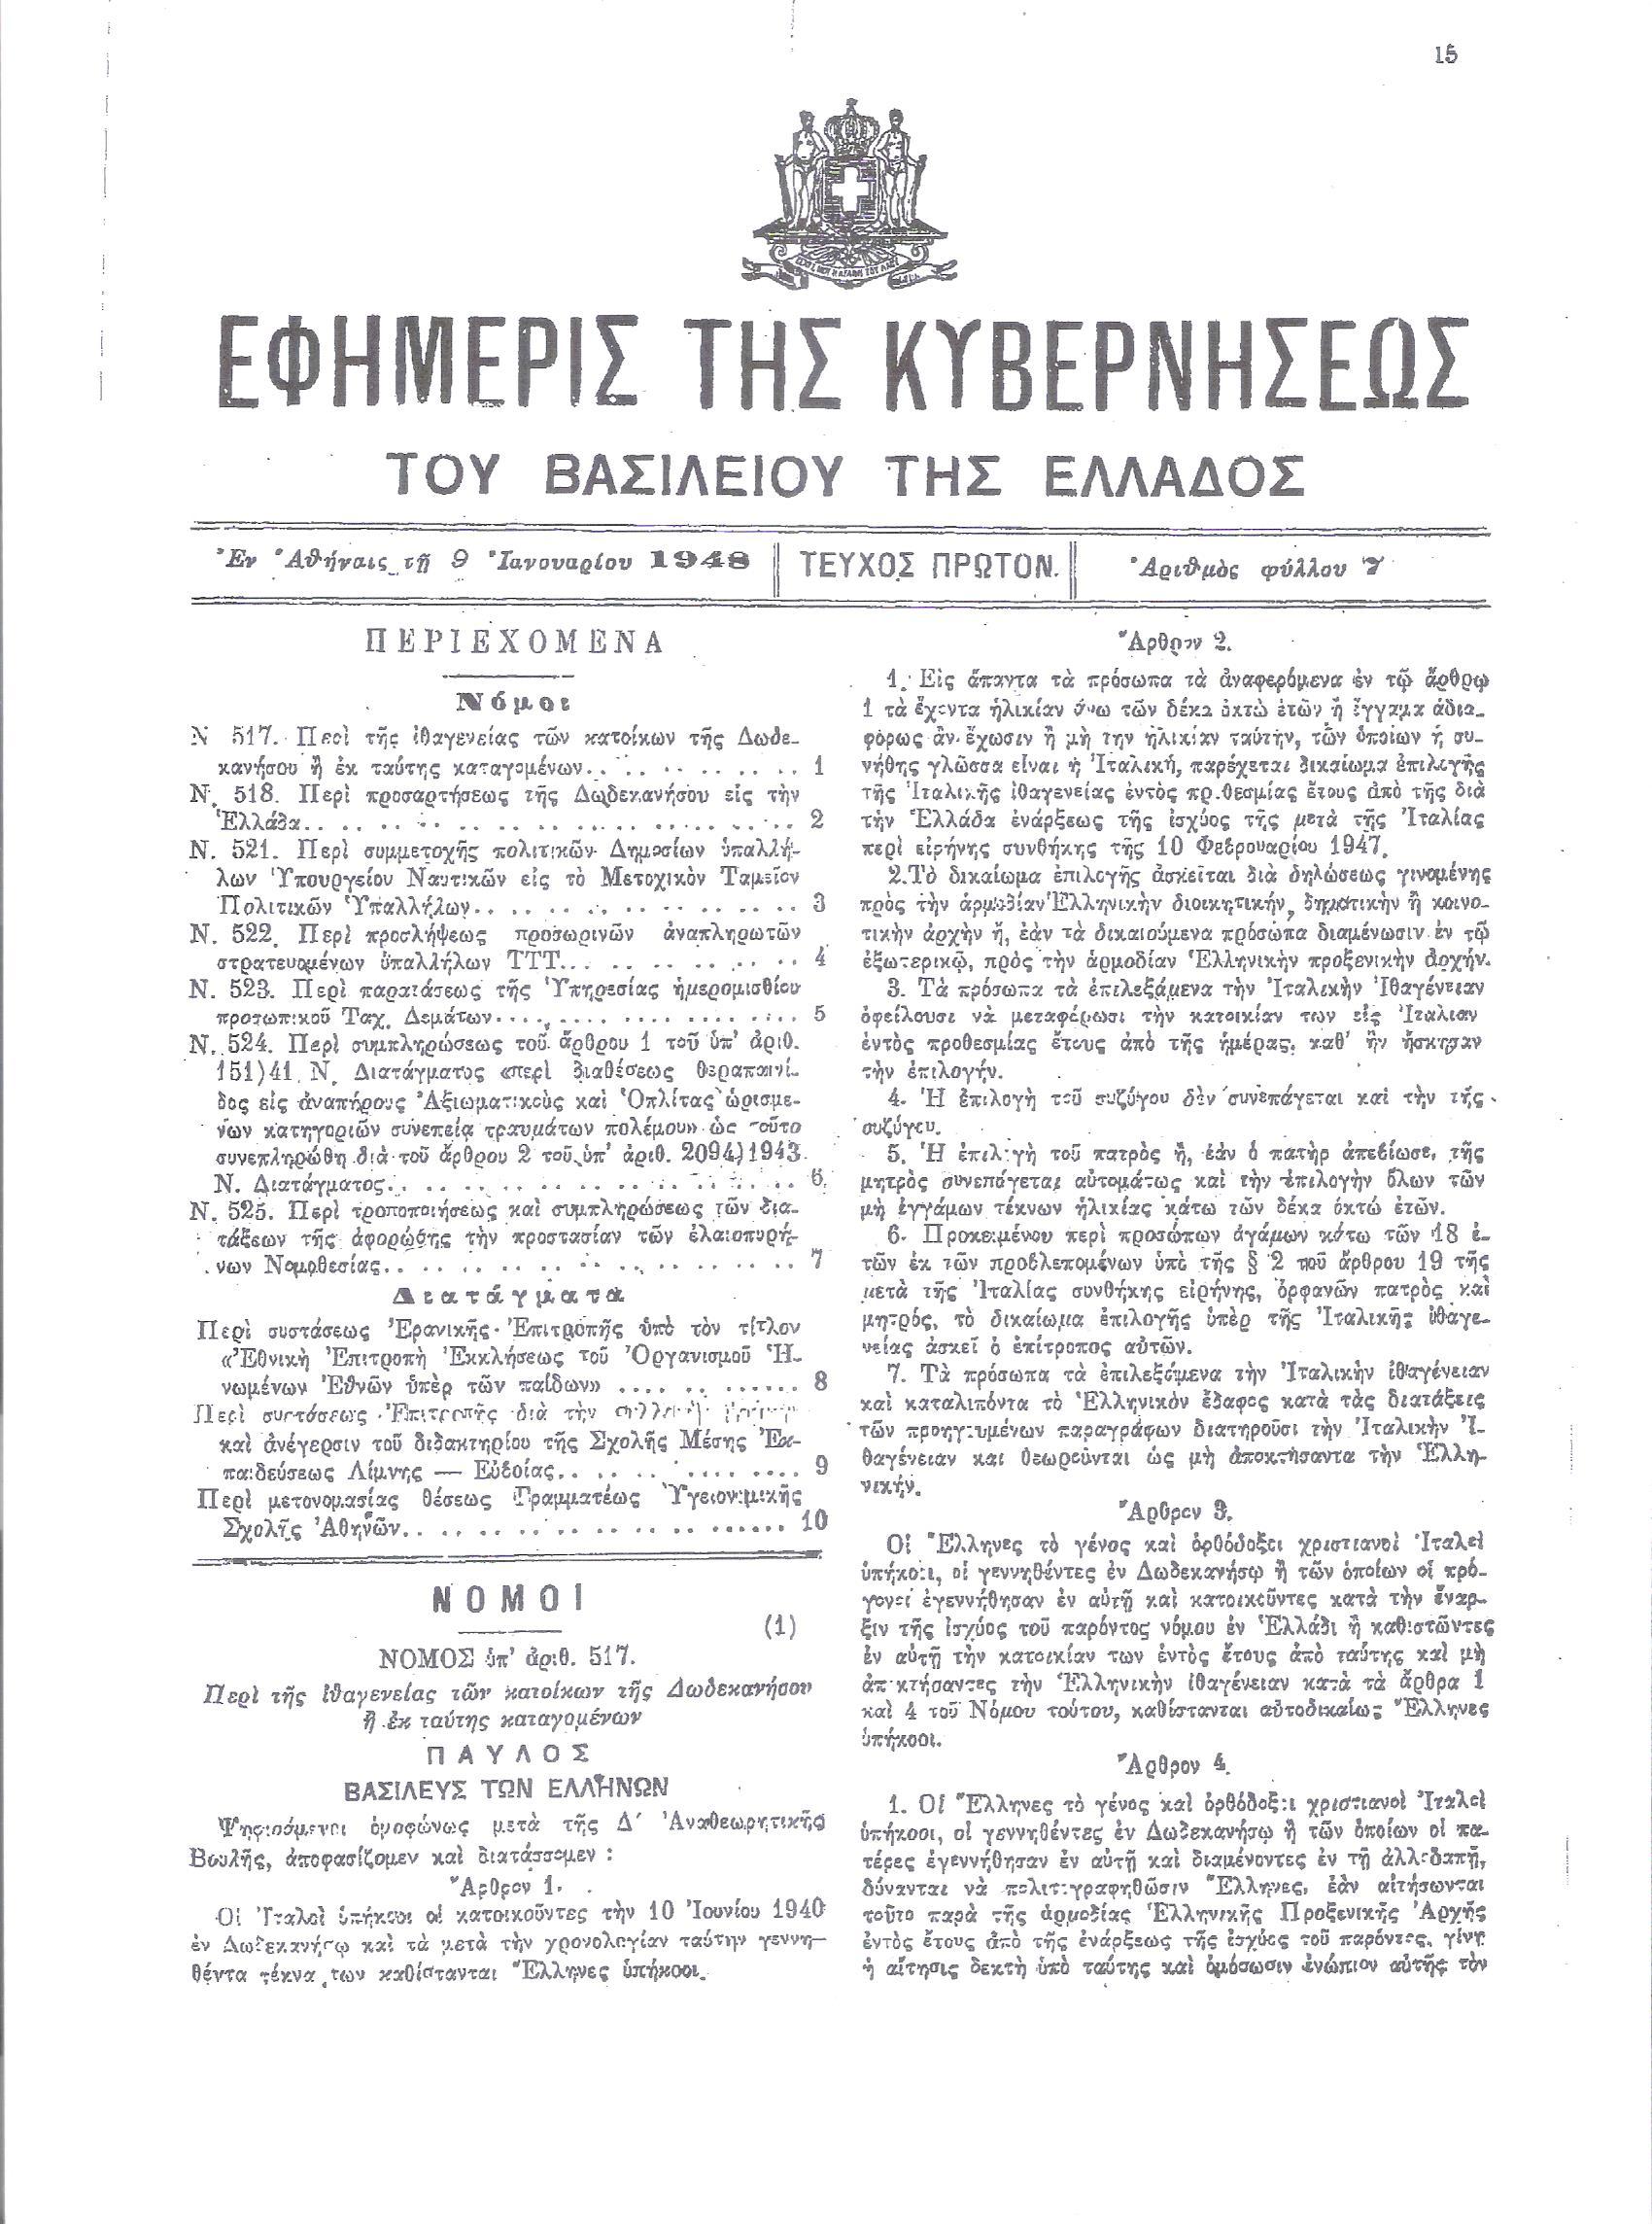 ΦΕΚ 7 1948 1 001